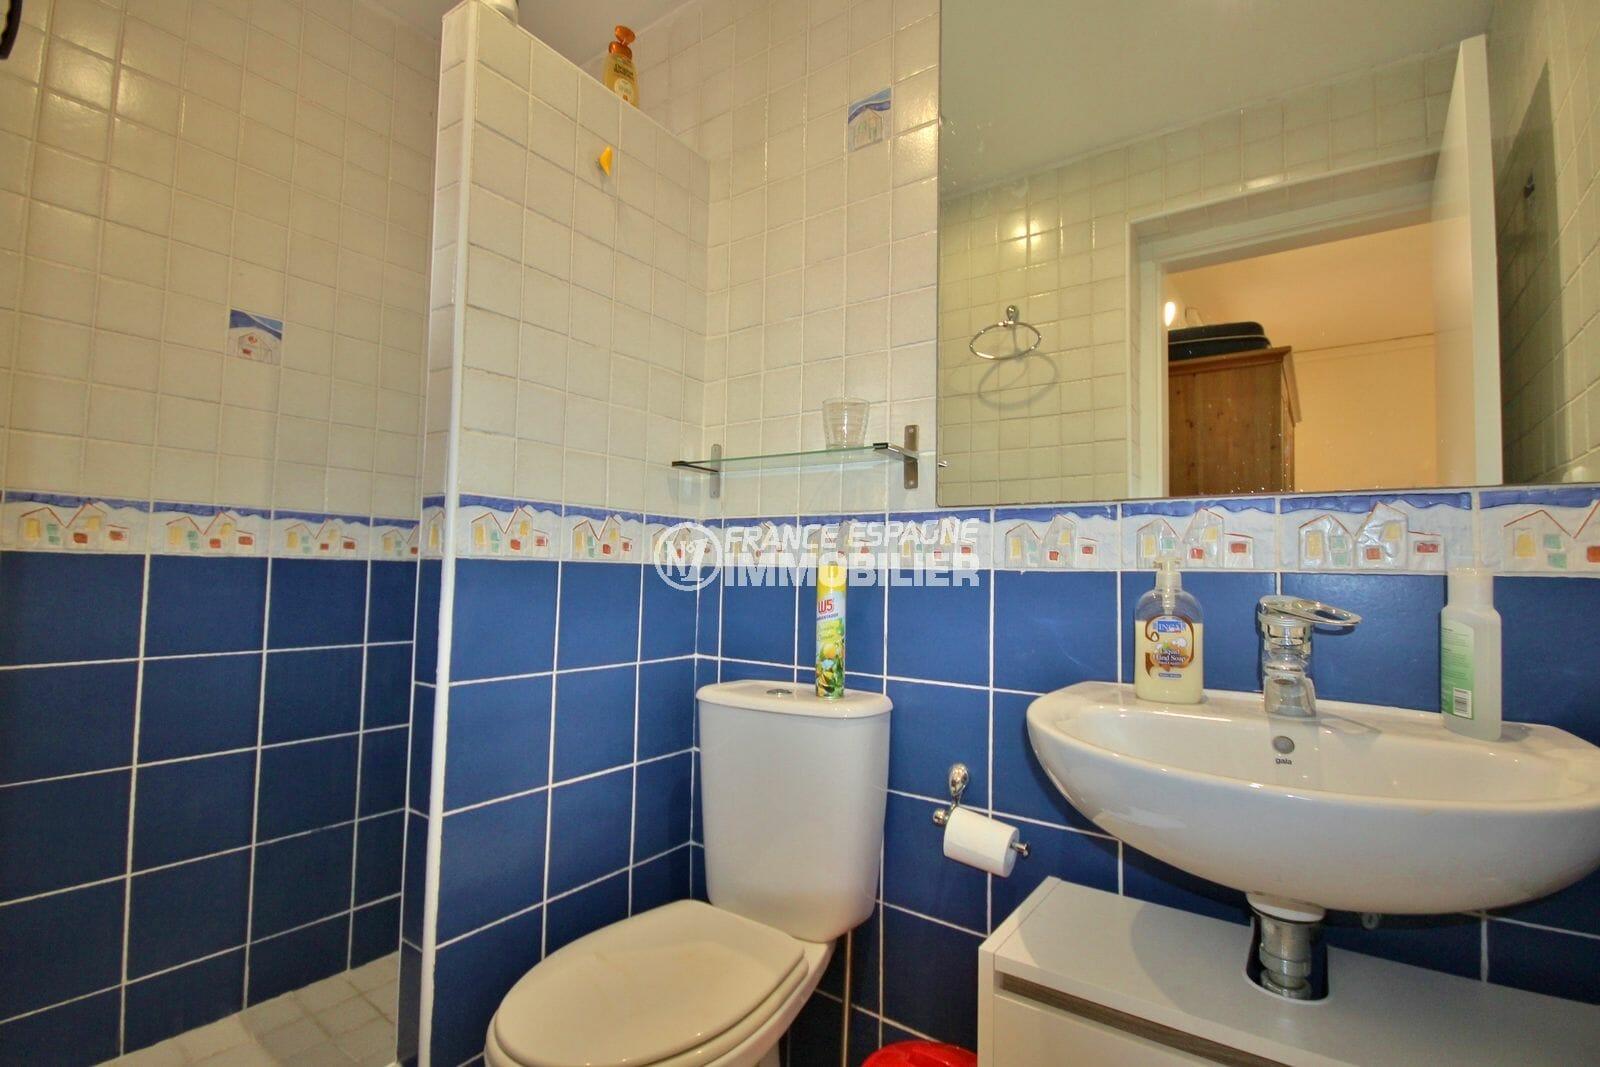 vente immobiliere costa brava: villa 170 m² , 2ème salle d'eau avec douche, lavabo et wc